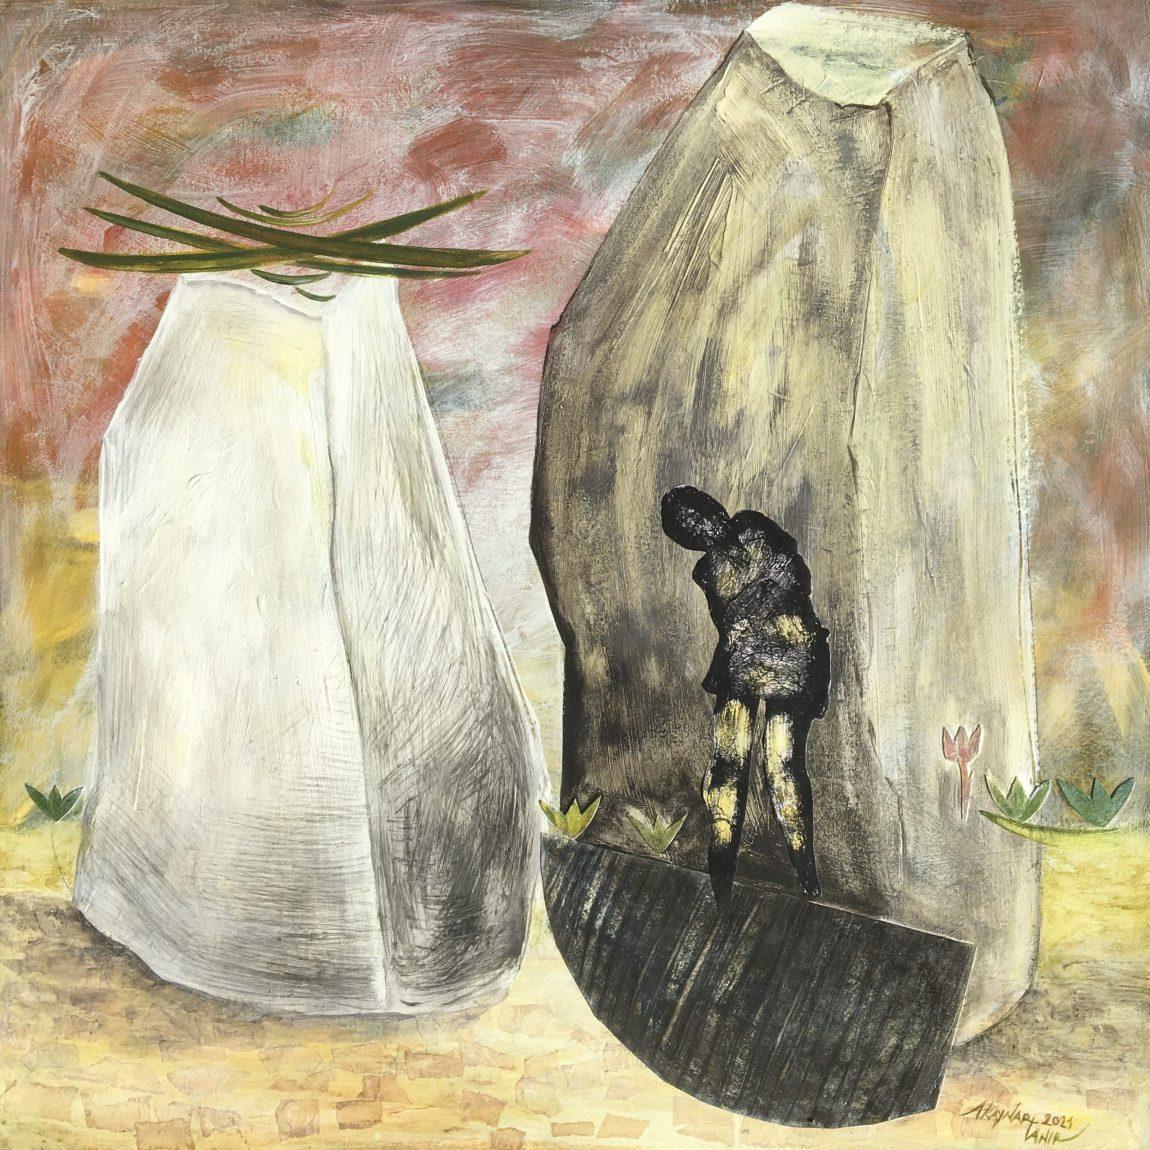 """Sanatçı : Ayben Kaynar Tanır - Eser Adı:""""Ülgen'in Ak ve Kara Taşları"""" - Teknik: Karışık Teknik - Ölçü: 60 x 60 cm - Fiyat : 3.540 TL"""